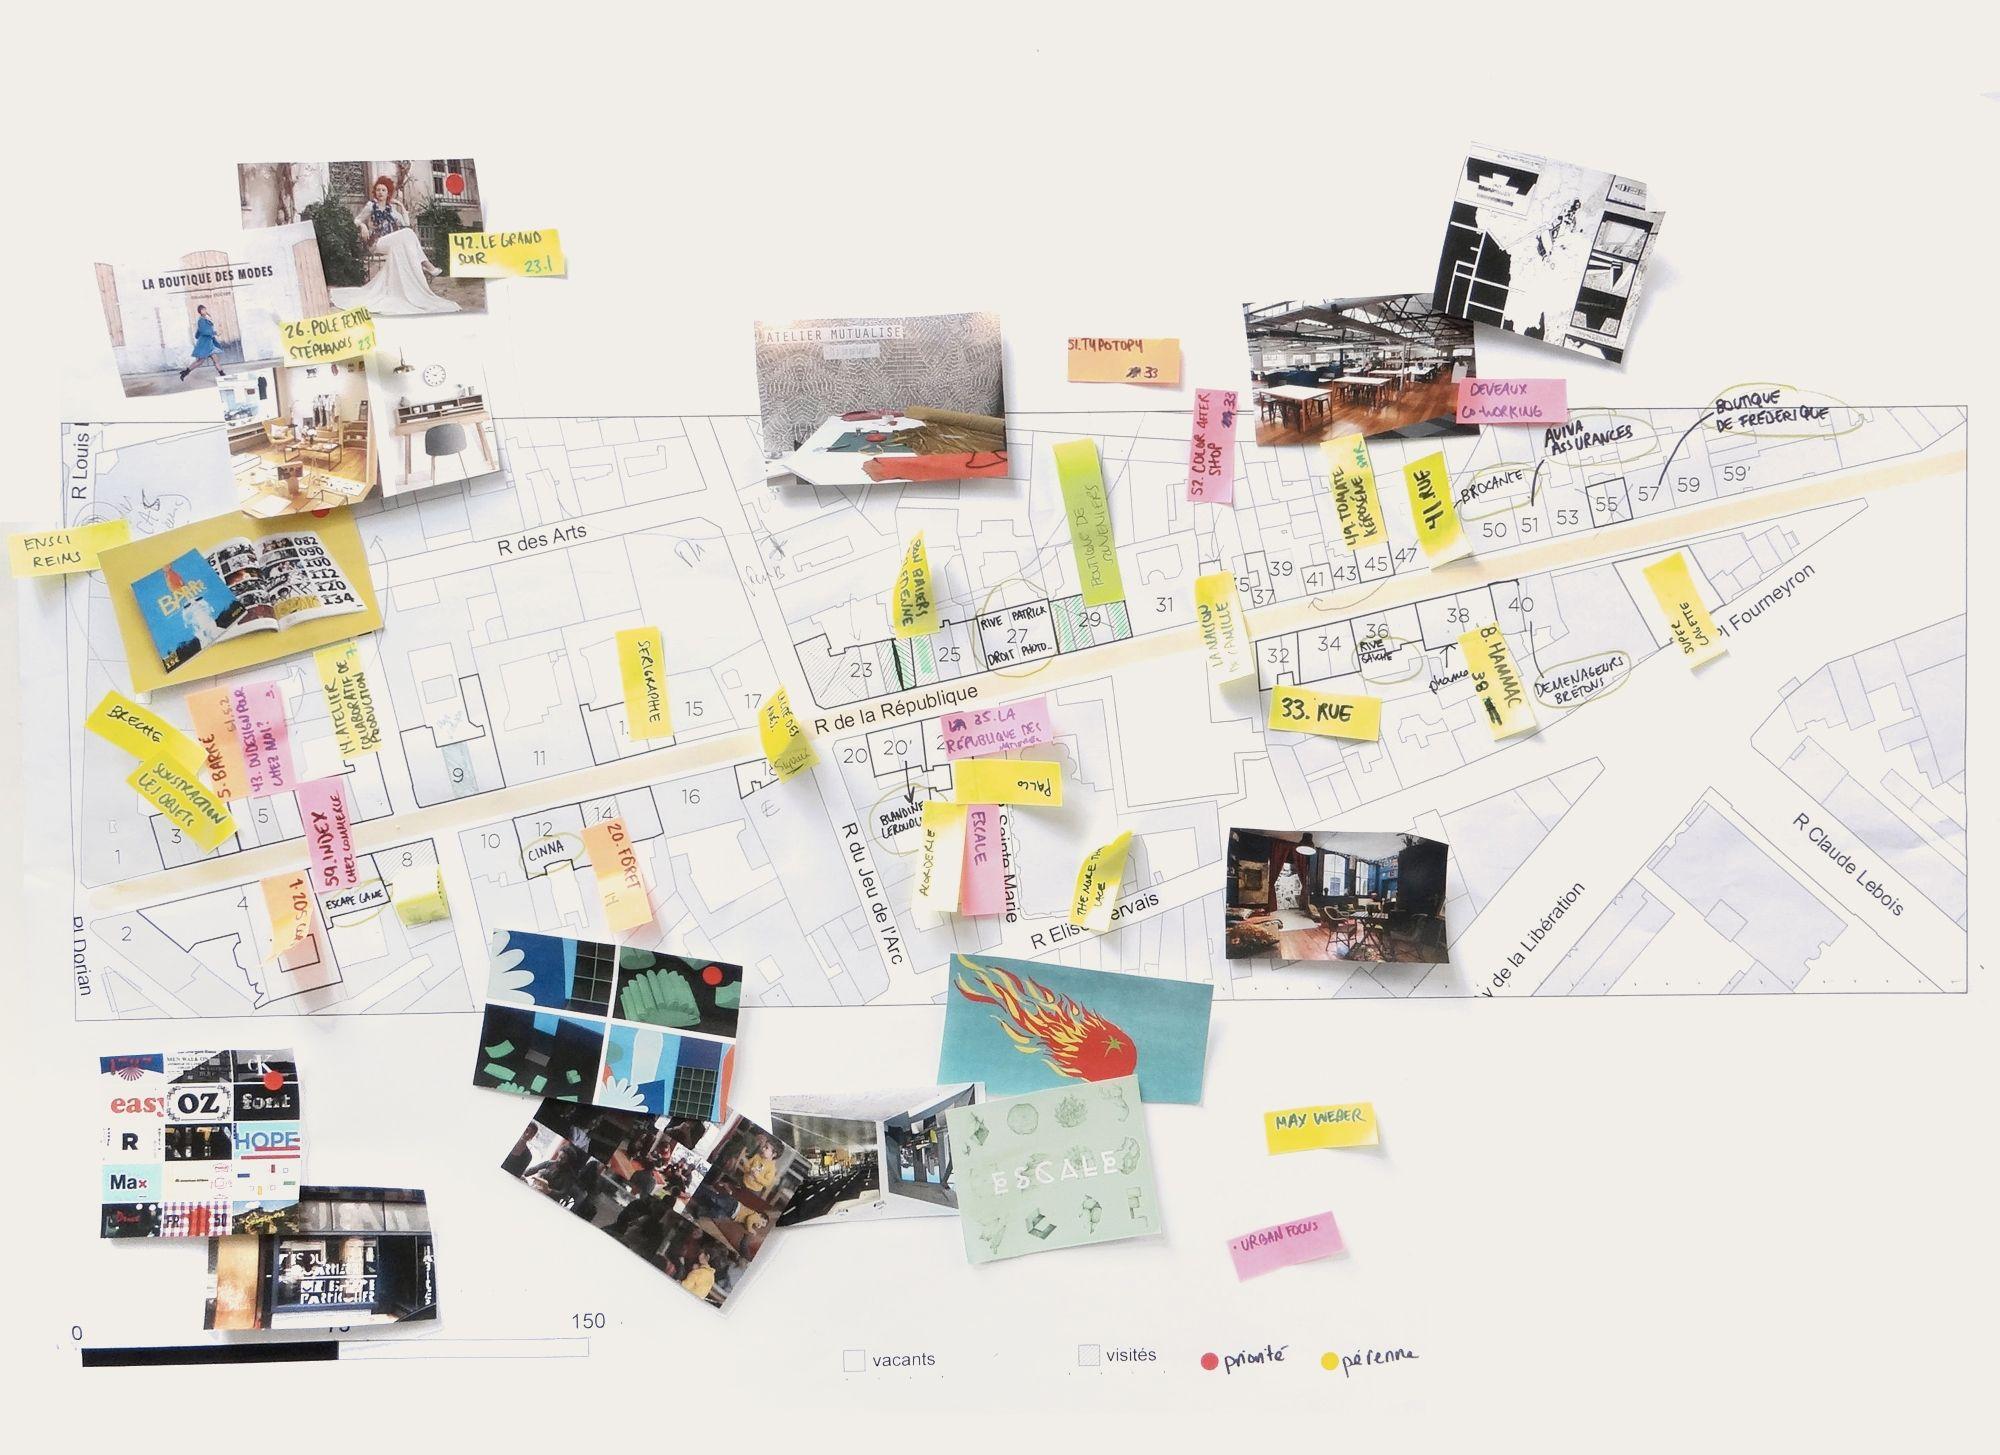 Rue de la République du design est un projet d'expérimentation qui questionne les nouveaux modes d'habiter et d'occupation des centre-ville. À l'occasion de la Biennale Internationale Design Saint-Étienne 2017, la rue de la République deviendra un véritable laboratoire qui permettra de réactiver tant ses pas de portes que ses espaces publics.